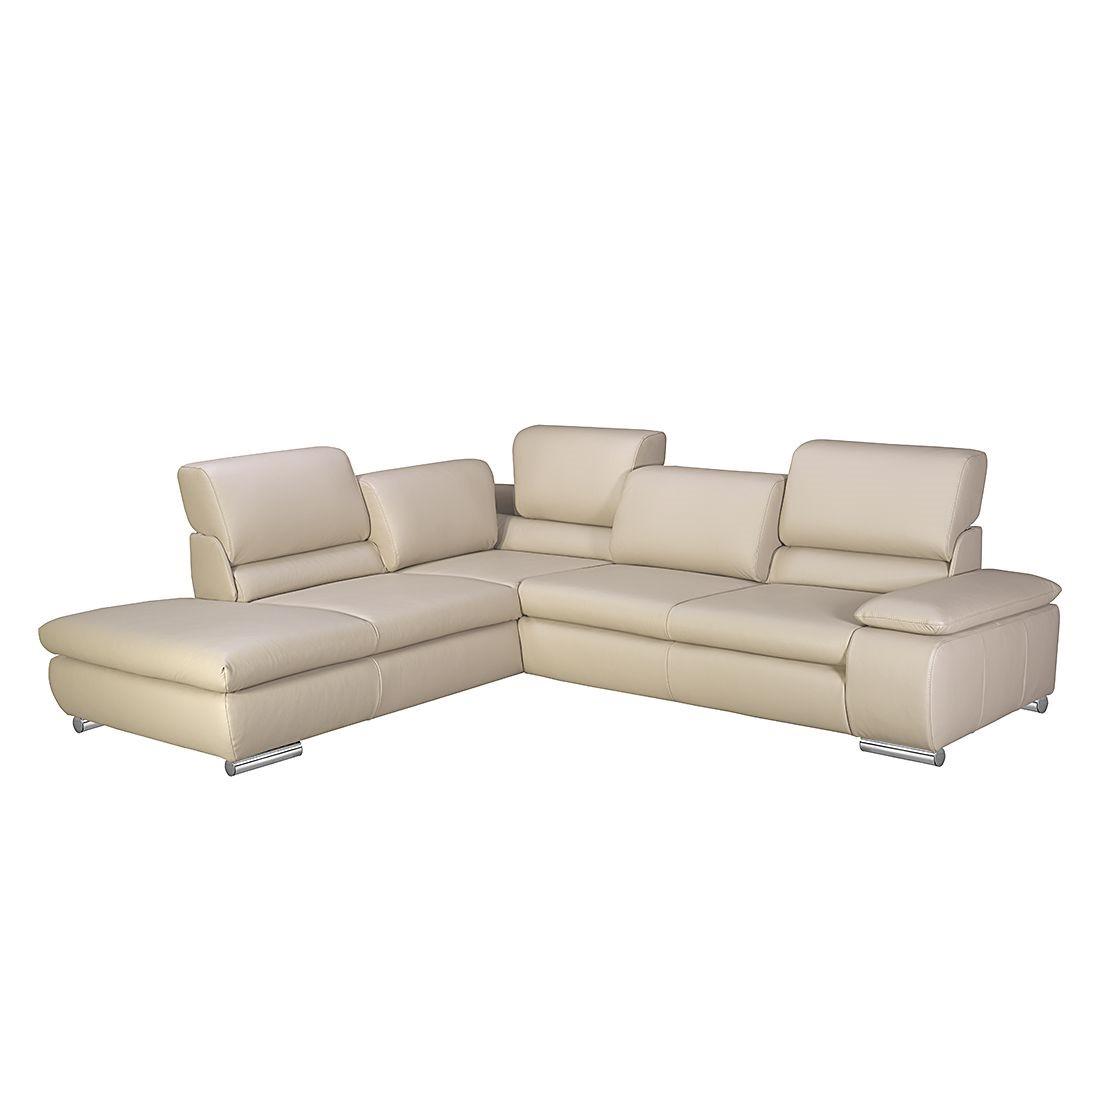 home24 Fredriks Ecksofa Masca I 2,5-Sitzer Beige Echtleder 273x78x235 cm (BxHxT) mit Schlaffunktion Modern